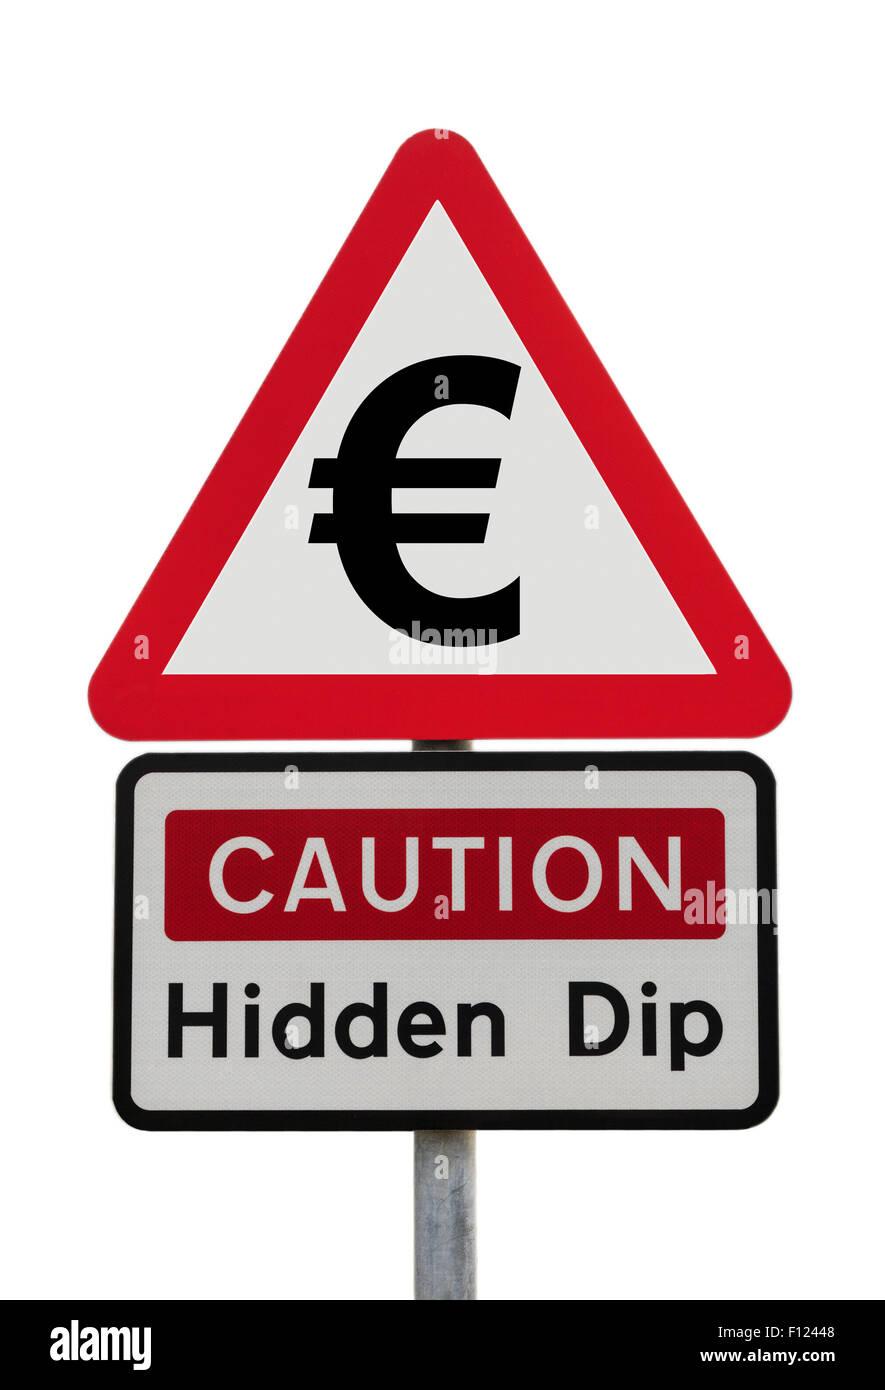 Señal de tráfico triangular advertencia precaución con el signo euro Dip oculto para ilustrar el Imagen De Stock